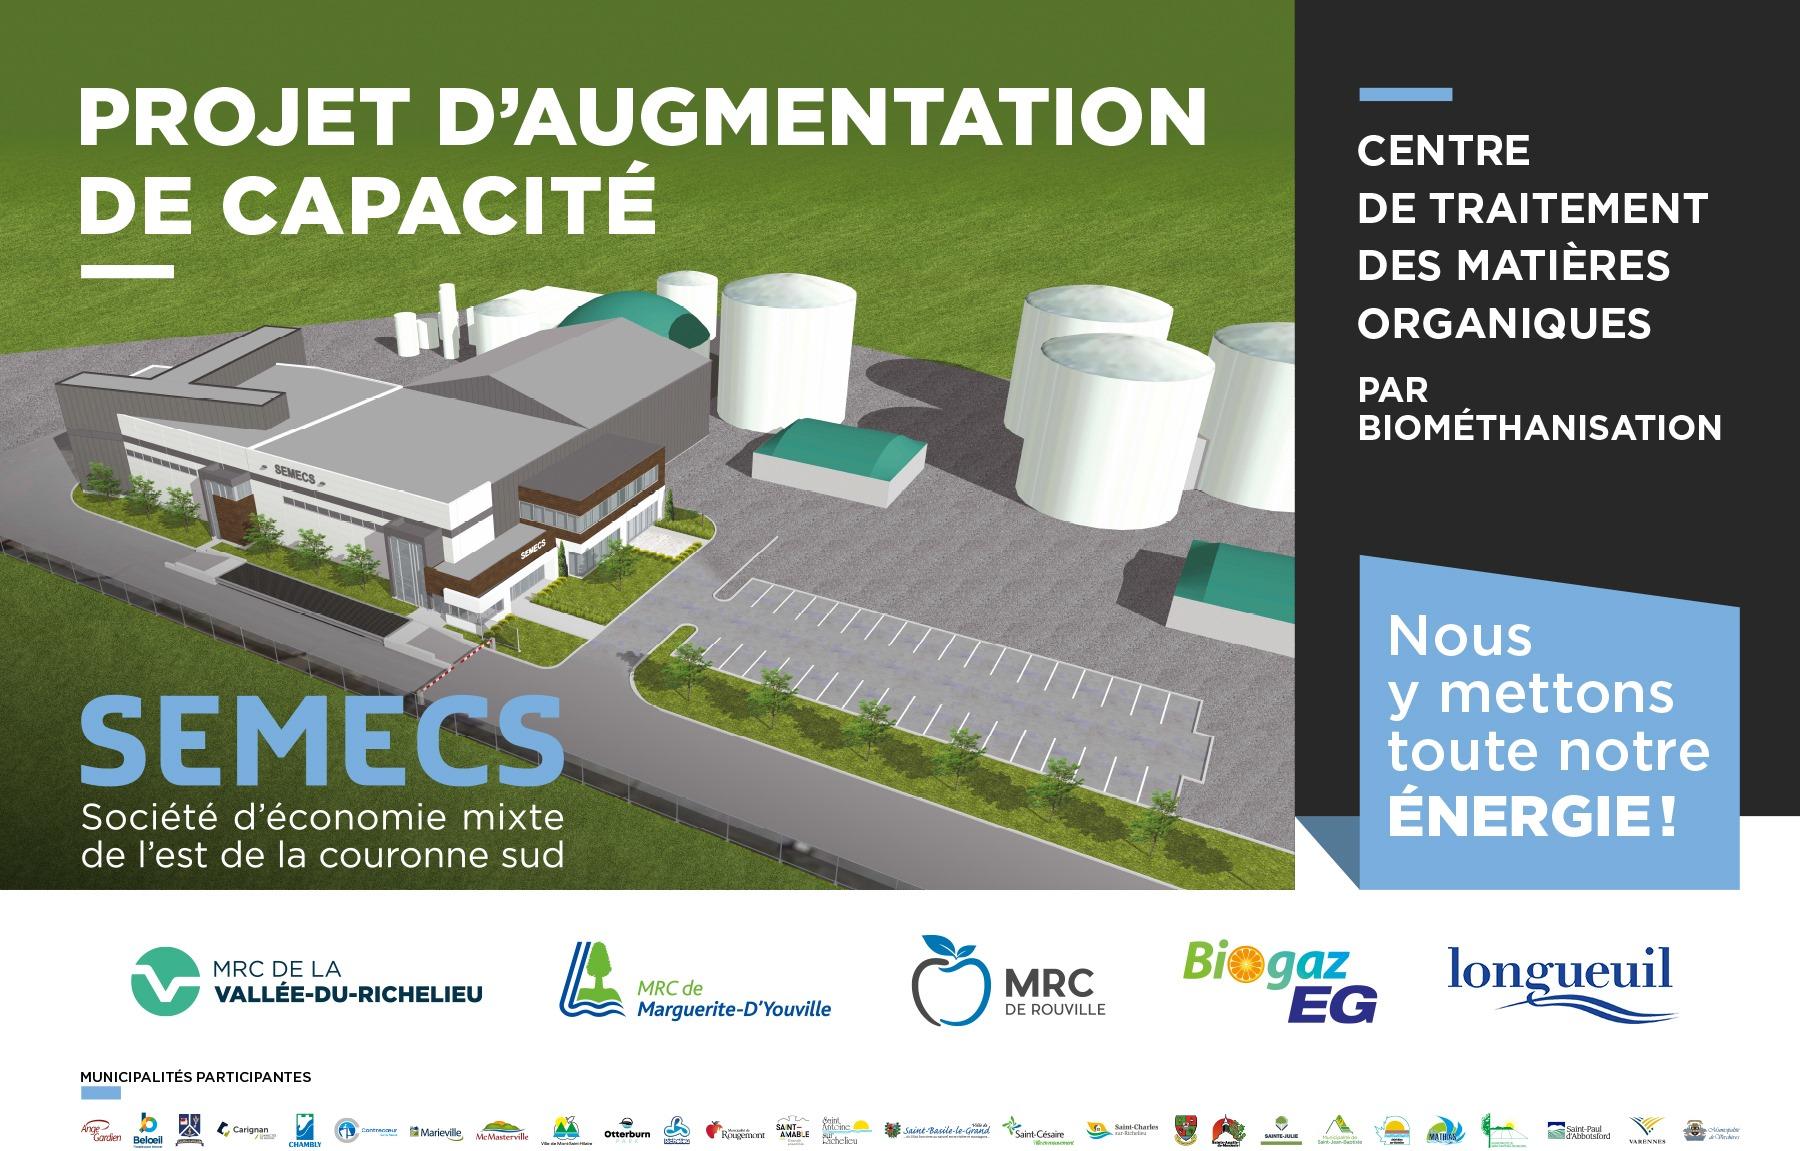 Centre de traitement des matières organiques à Varennes